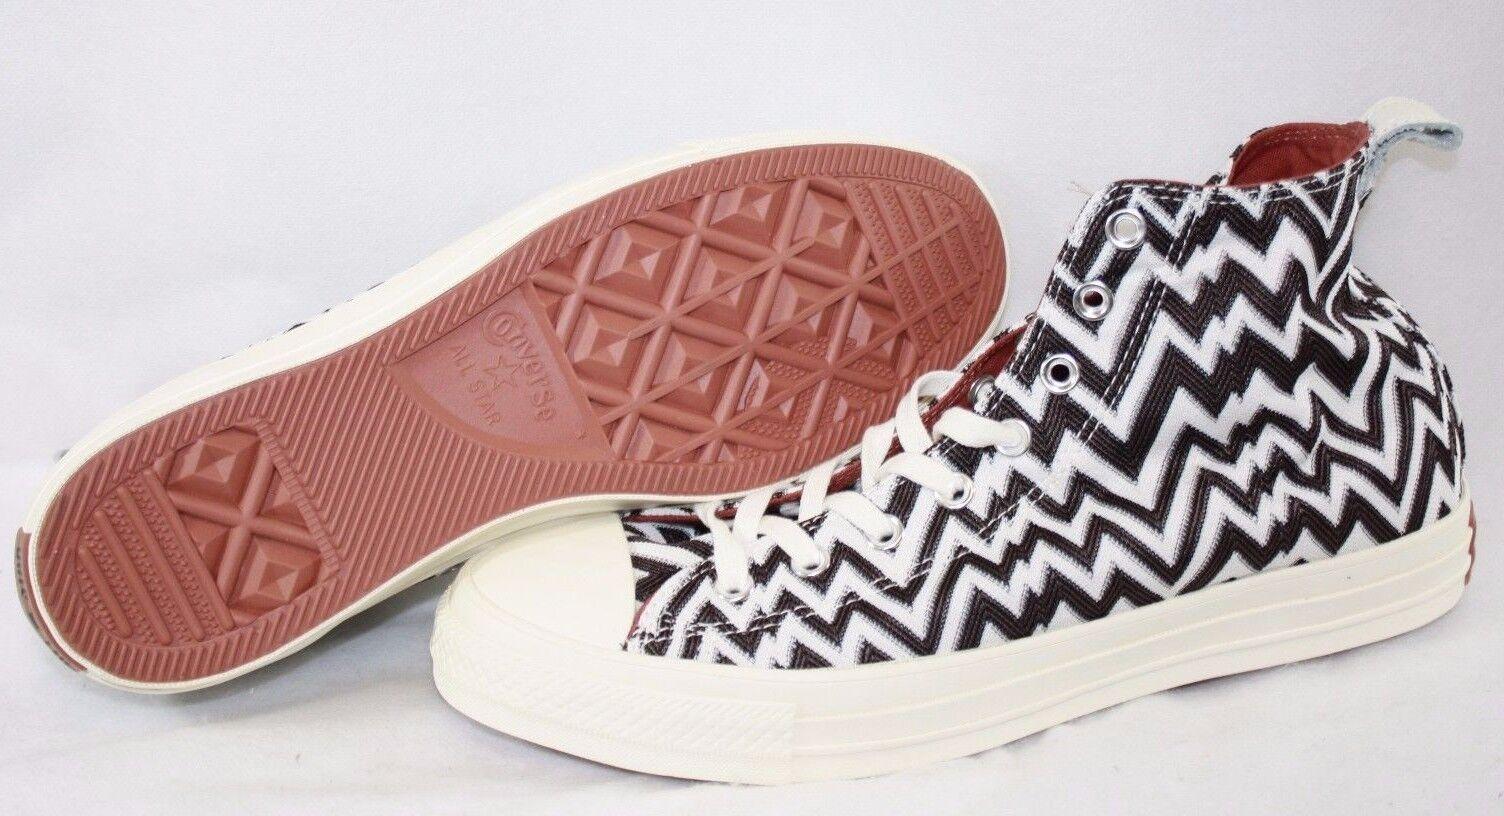 NEW Mens Star CONVERSE 154440C Missoni Chuck Taylor All Star Mens Hi Sneakers Shoes d74b13